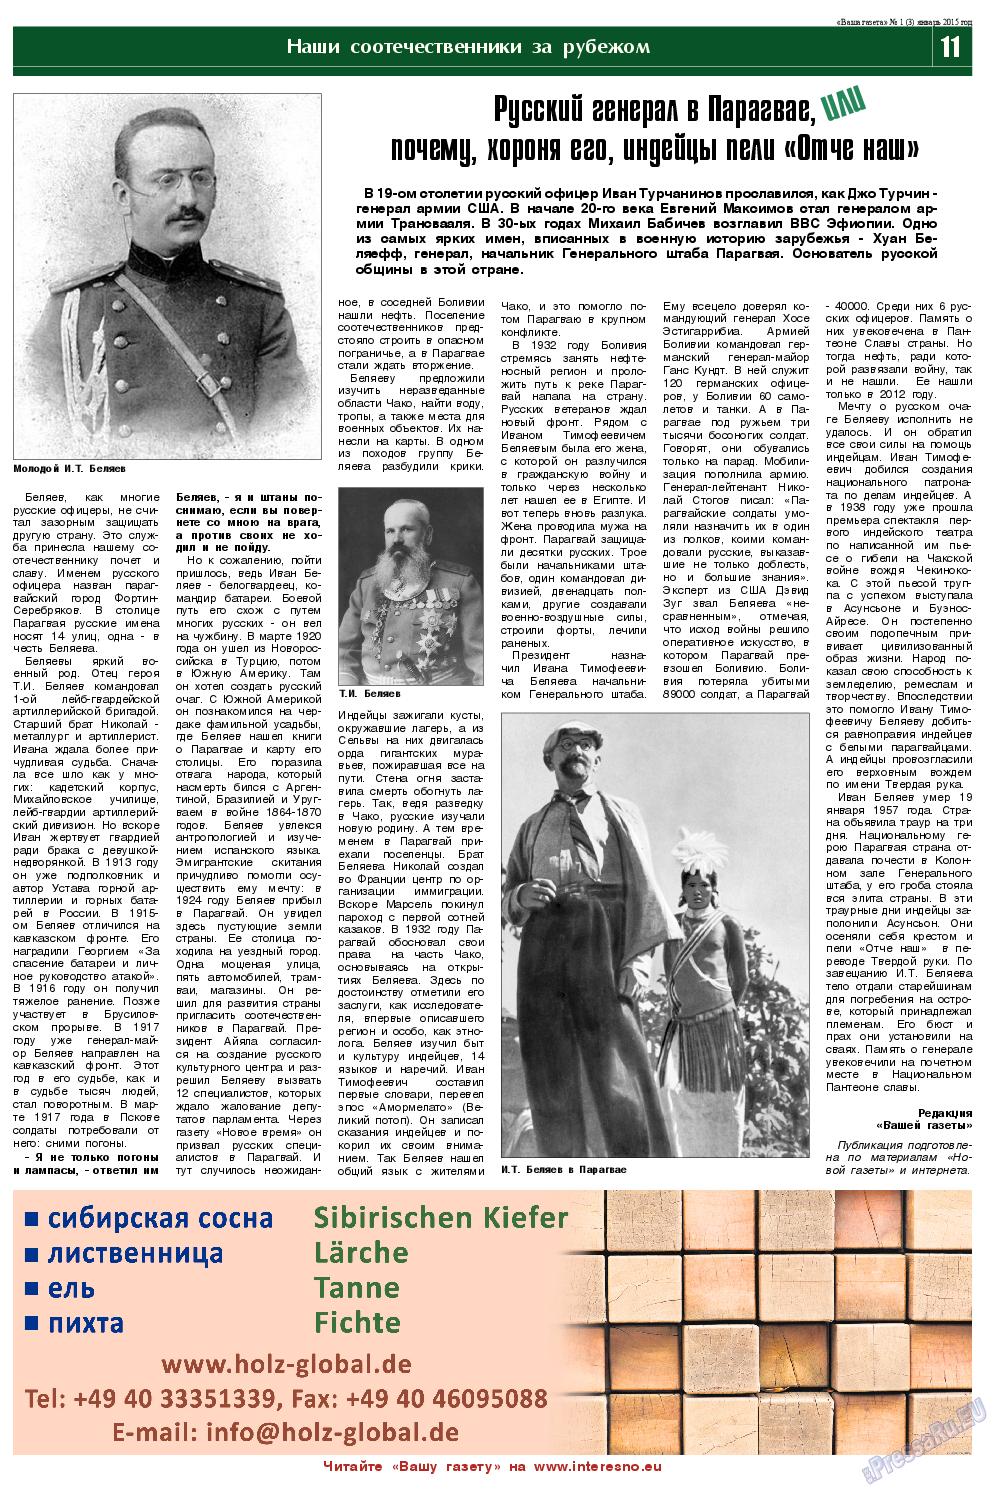 Ваша газета (газета). 2015 год, номер 1, стр. 11